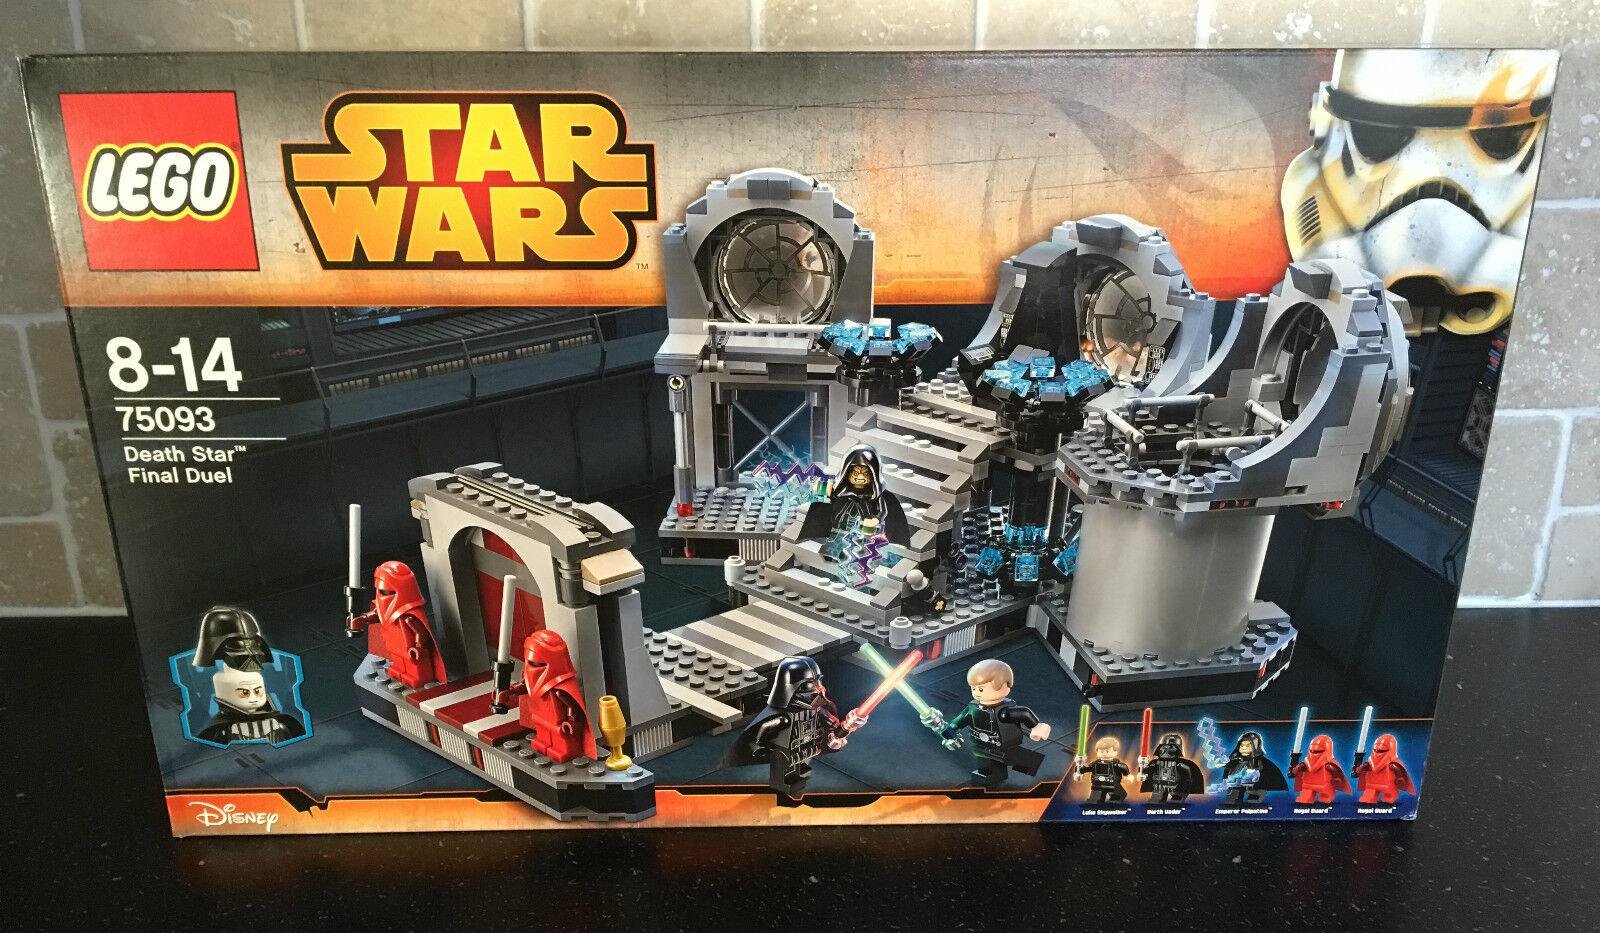 LEGO LEGO LEGO STAR WARS - 75093 Death Star Final Duel Brand New In Sealed Box e67692